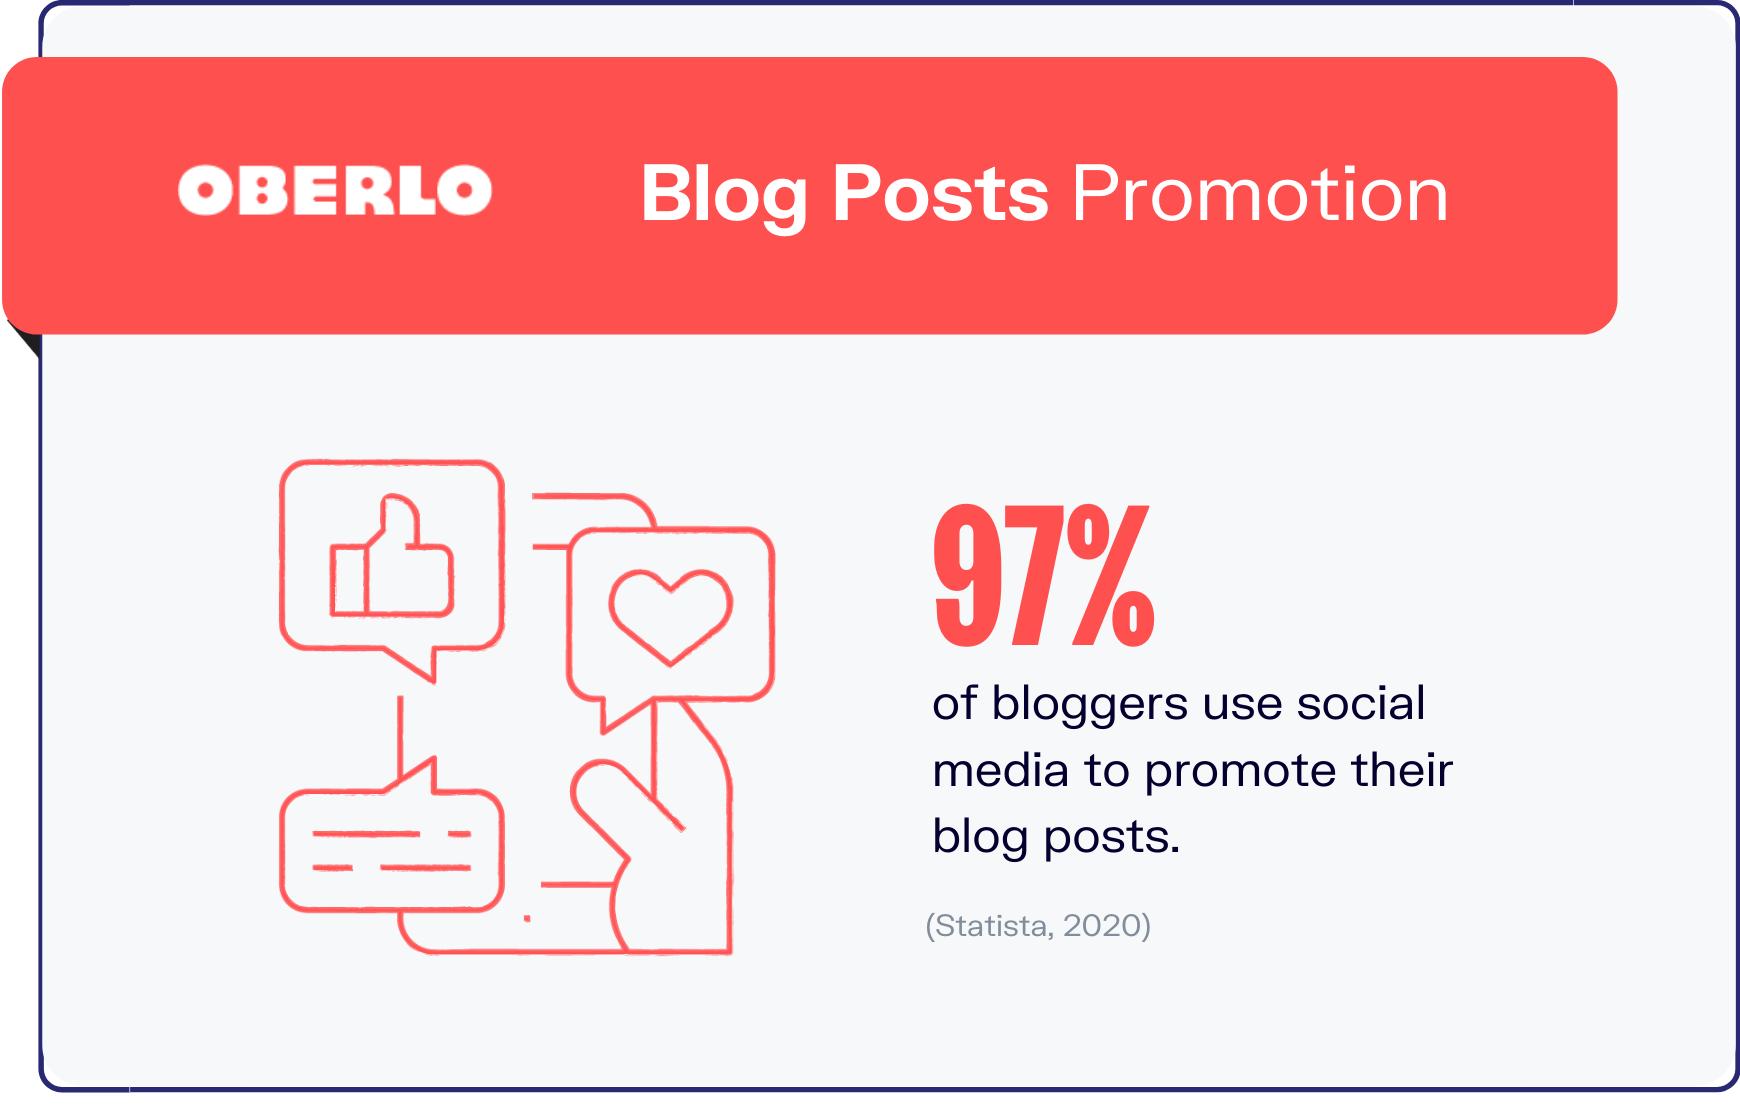 blogging statistics graphic 7